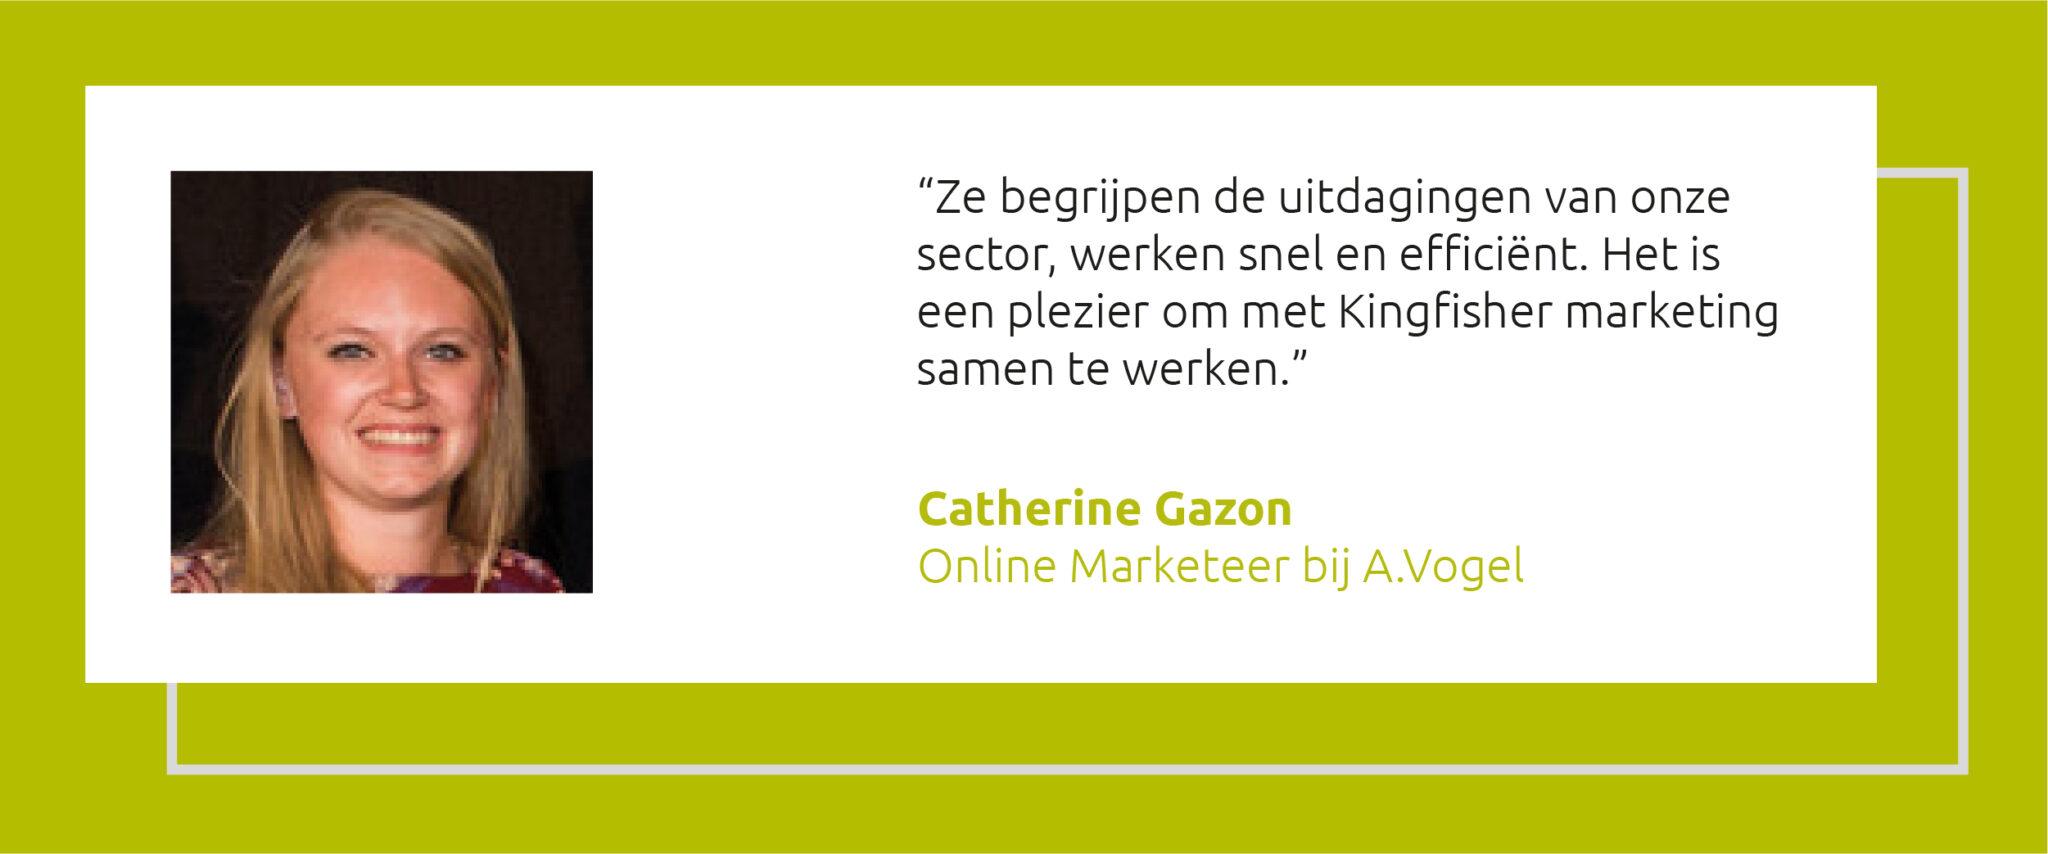 Quote Catherine Gazon A.Vogel